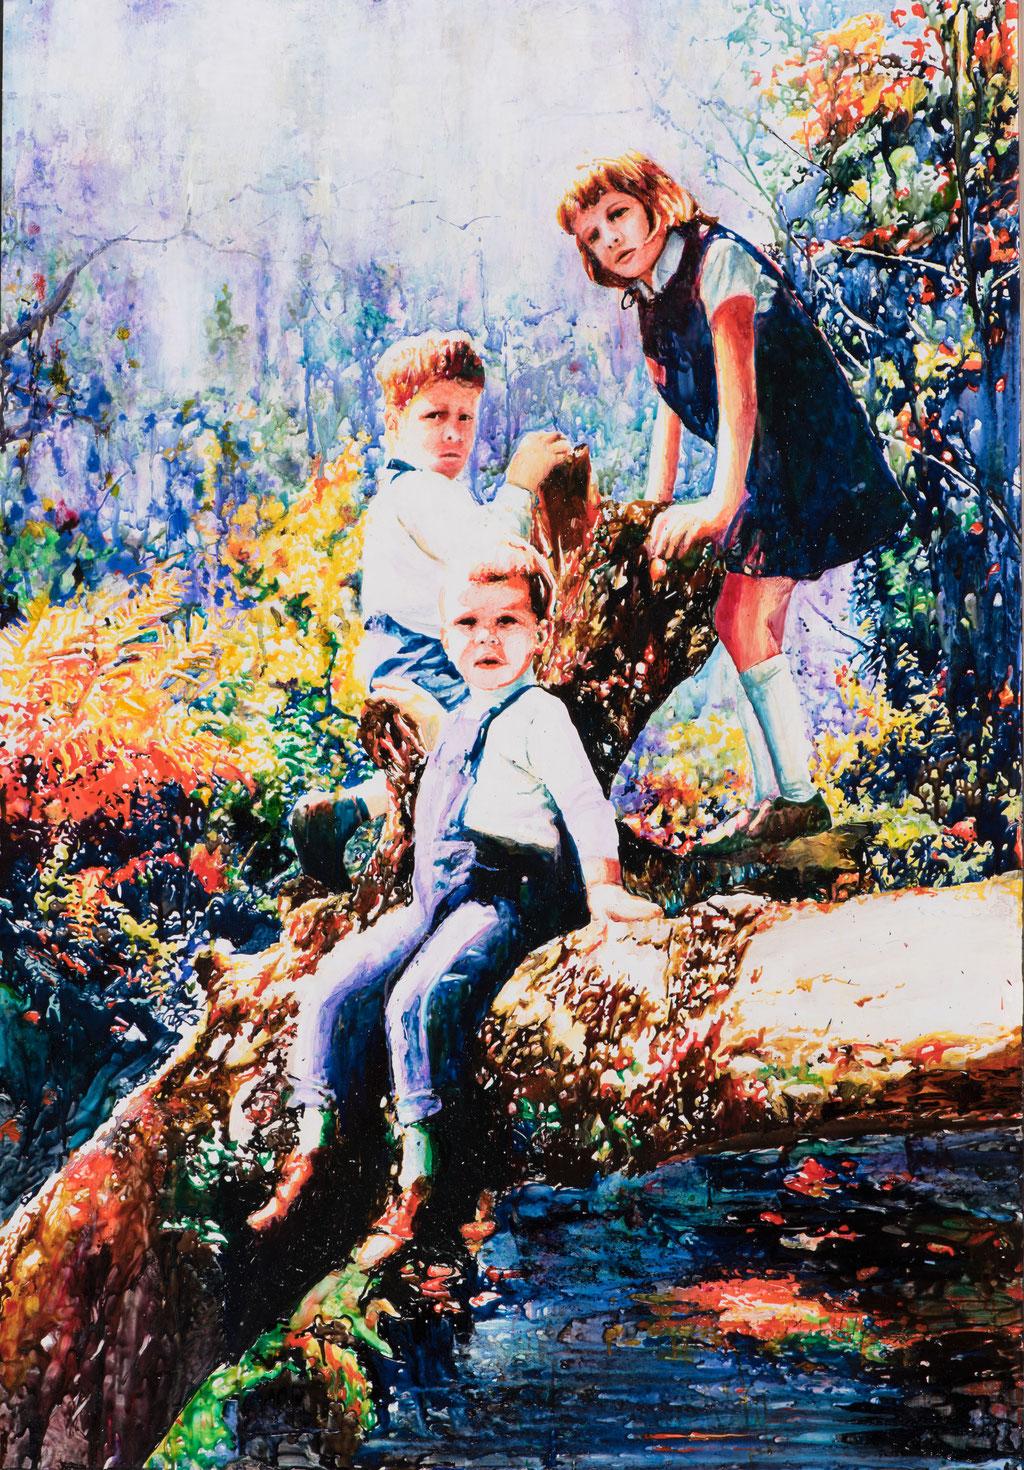 Vaters Obstgarten, Glasmalfarben auf MDF Platte, 140 x 100 cm. 2018